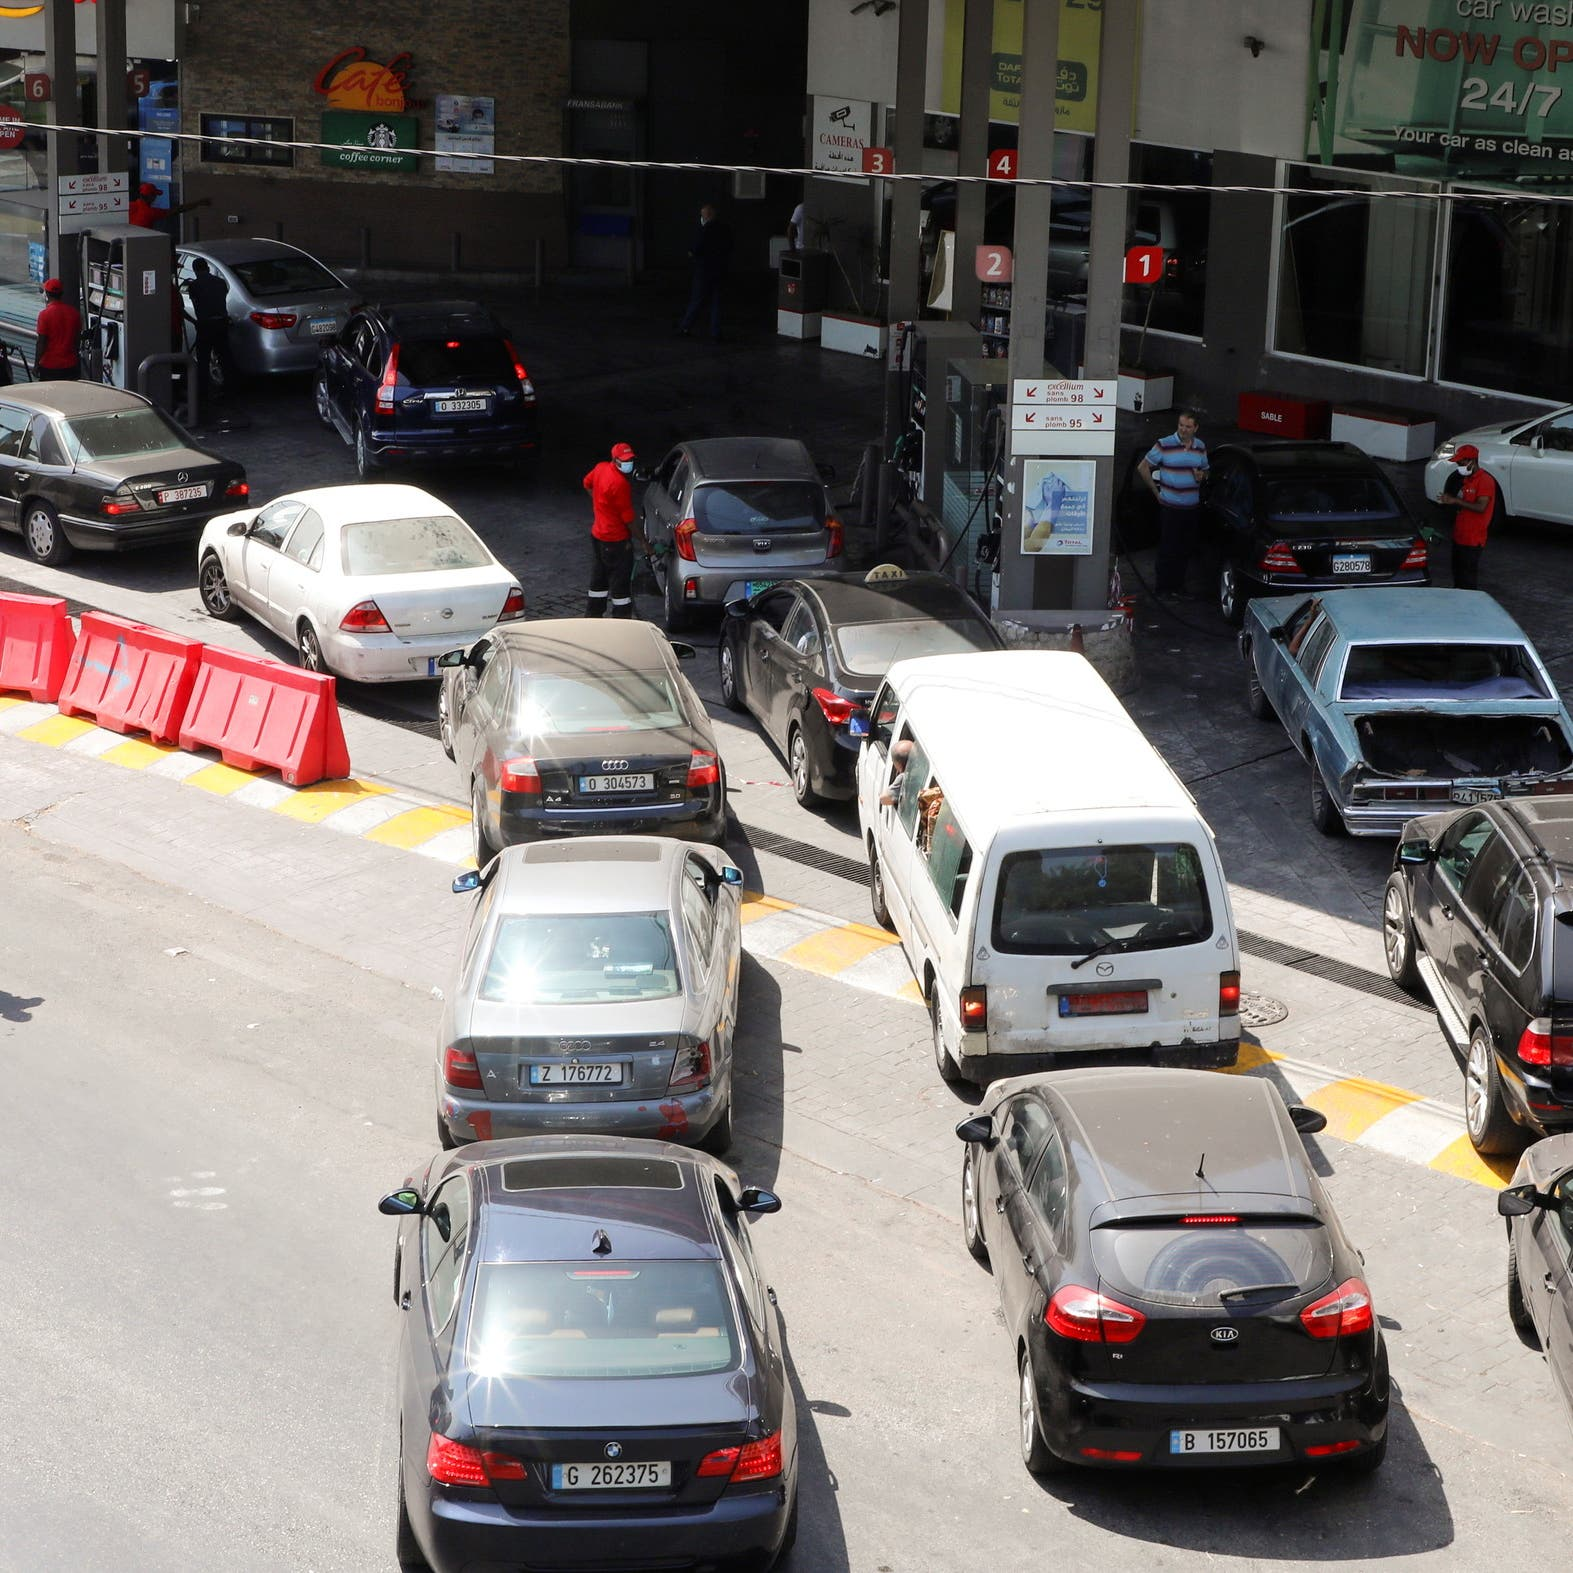 حاكم مصرف لبنان: لم نعد قادرين على اعتماد شراء المحروقات